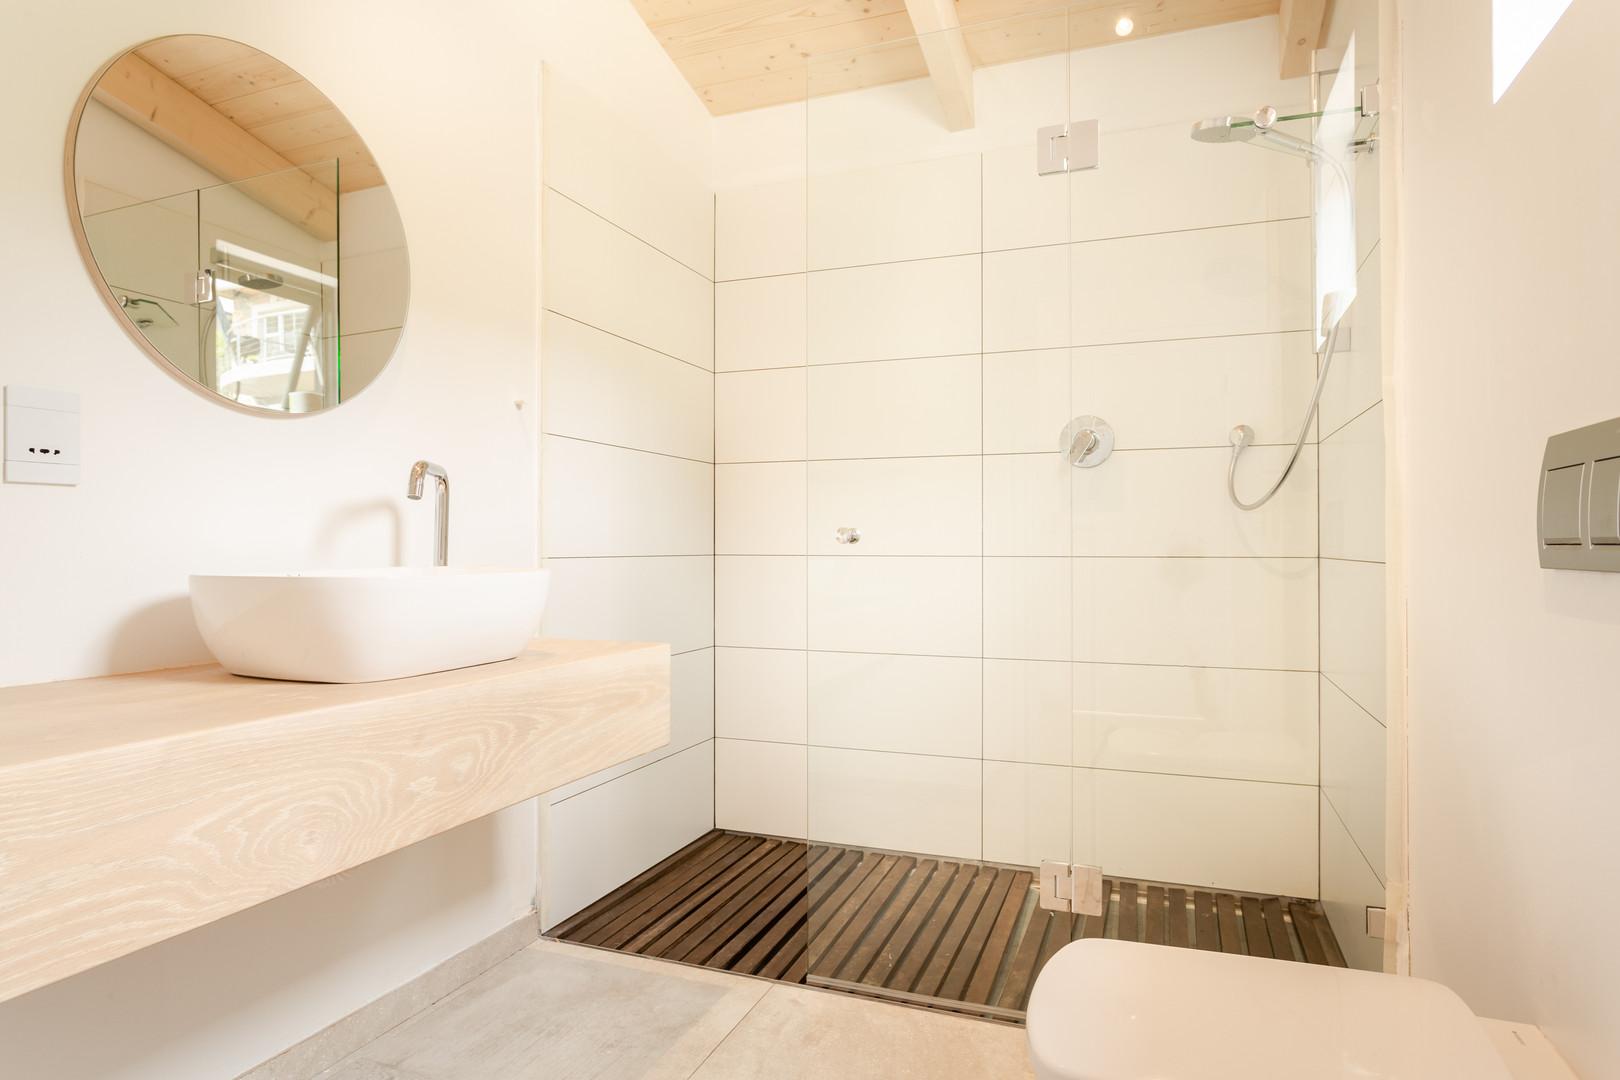 loft appt master bathroom.JPG